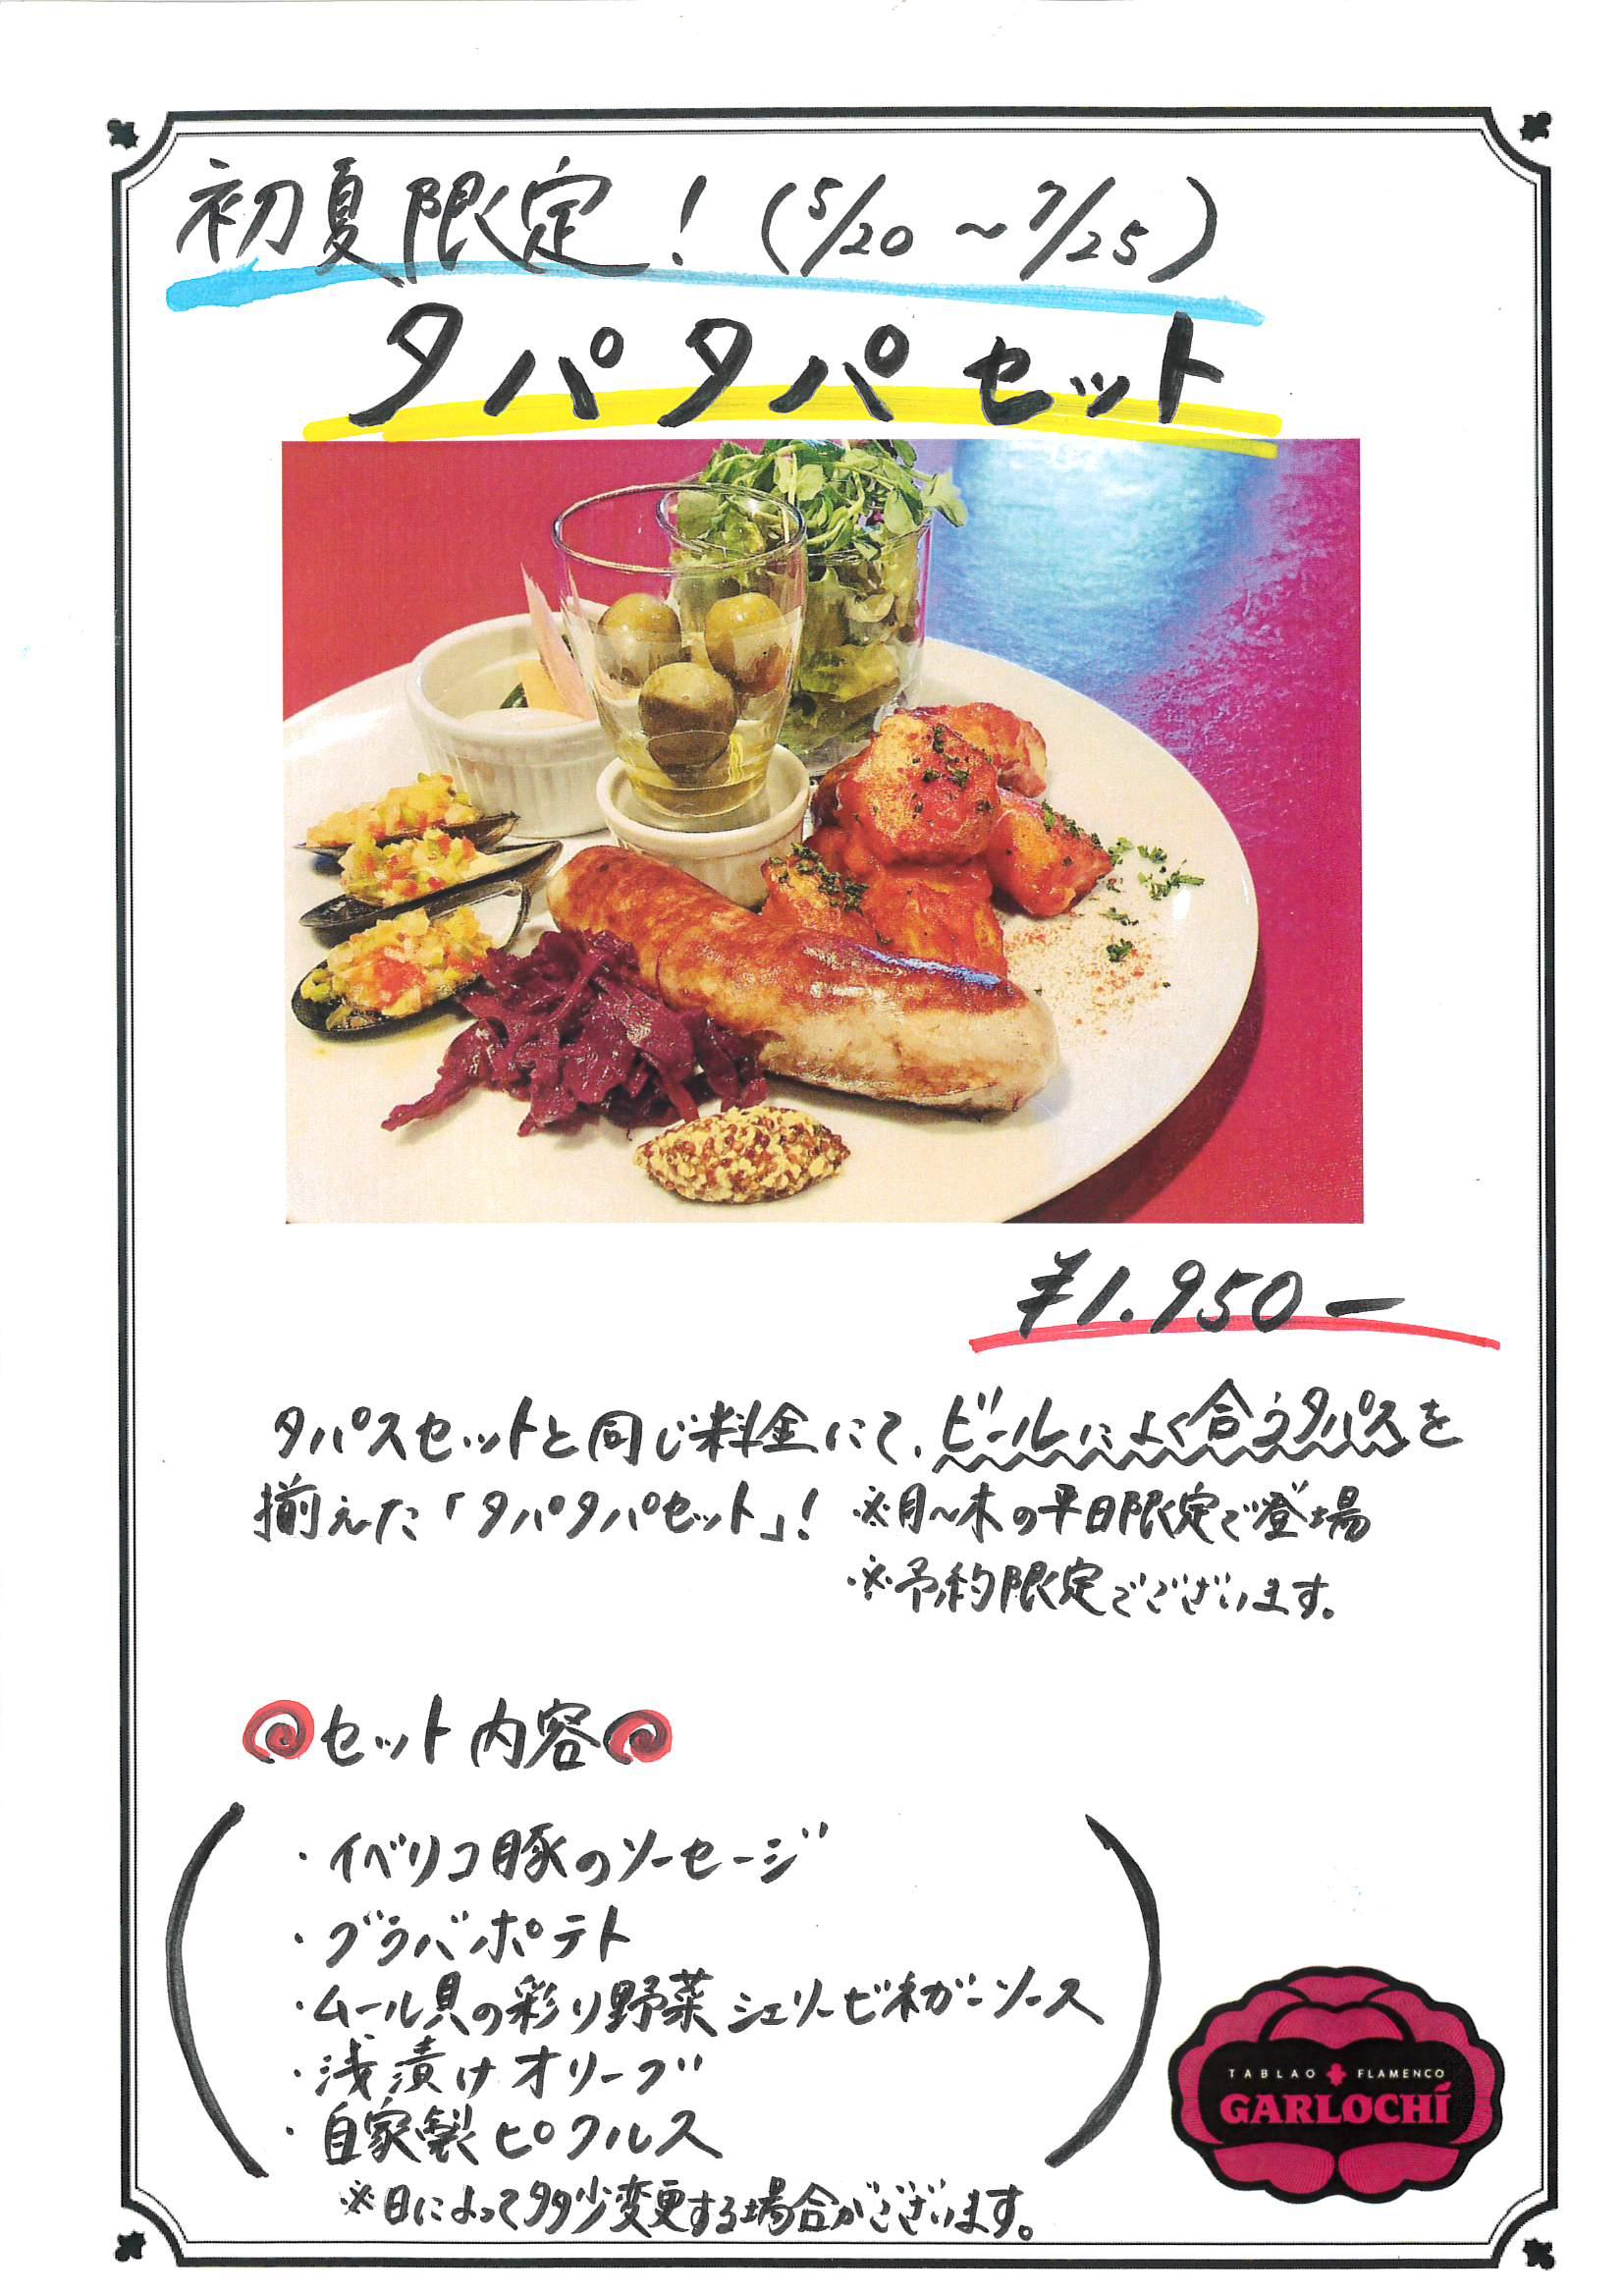 5/20~7/25 月~木の平日限定 ビールによく合う 『初夏限定タパタパセット』!